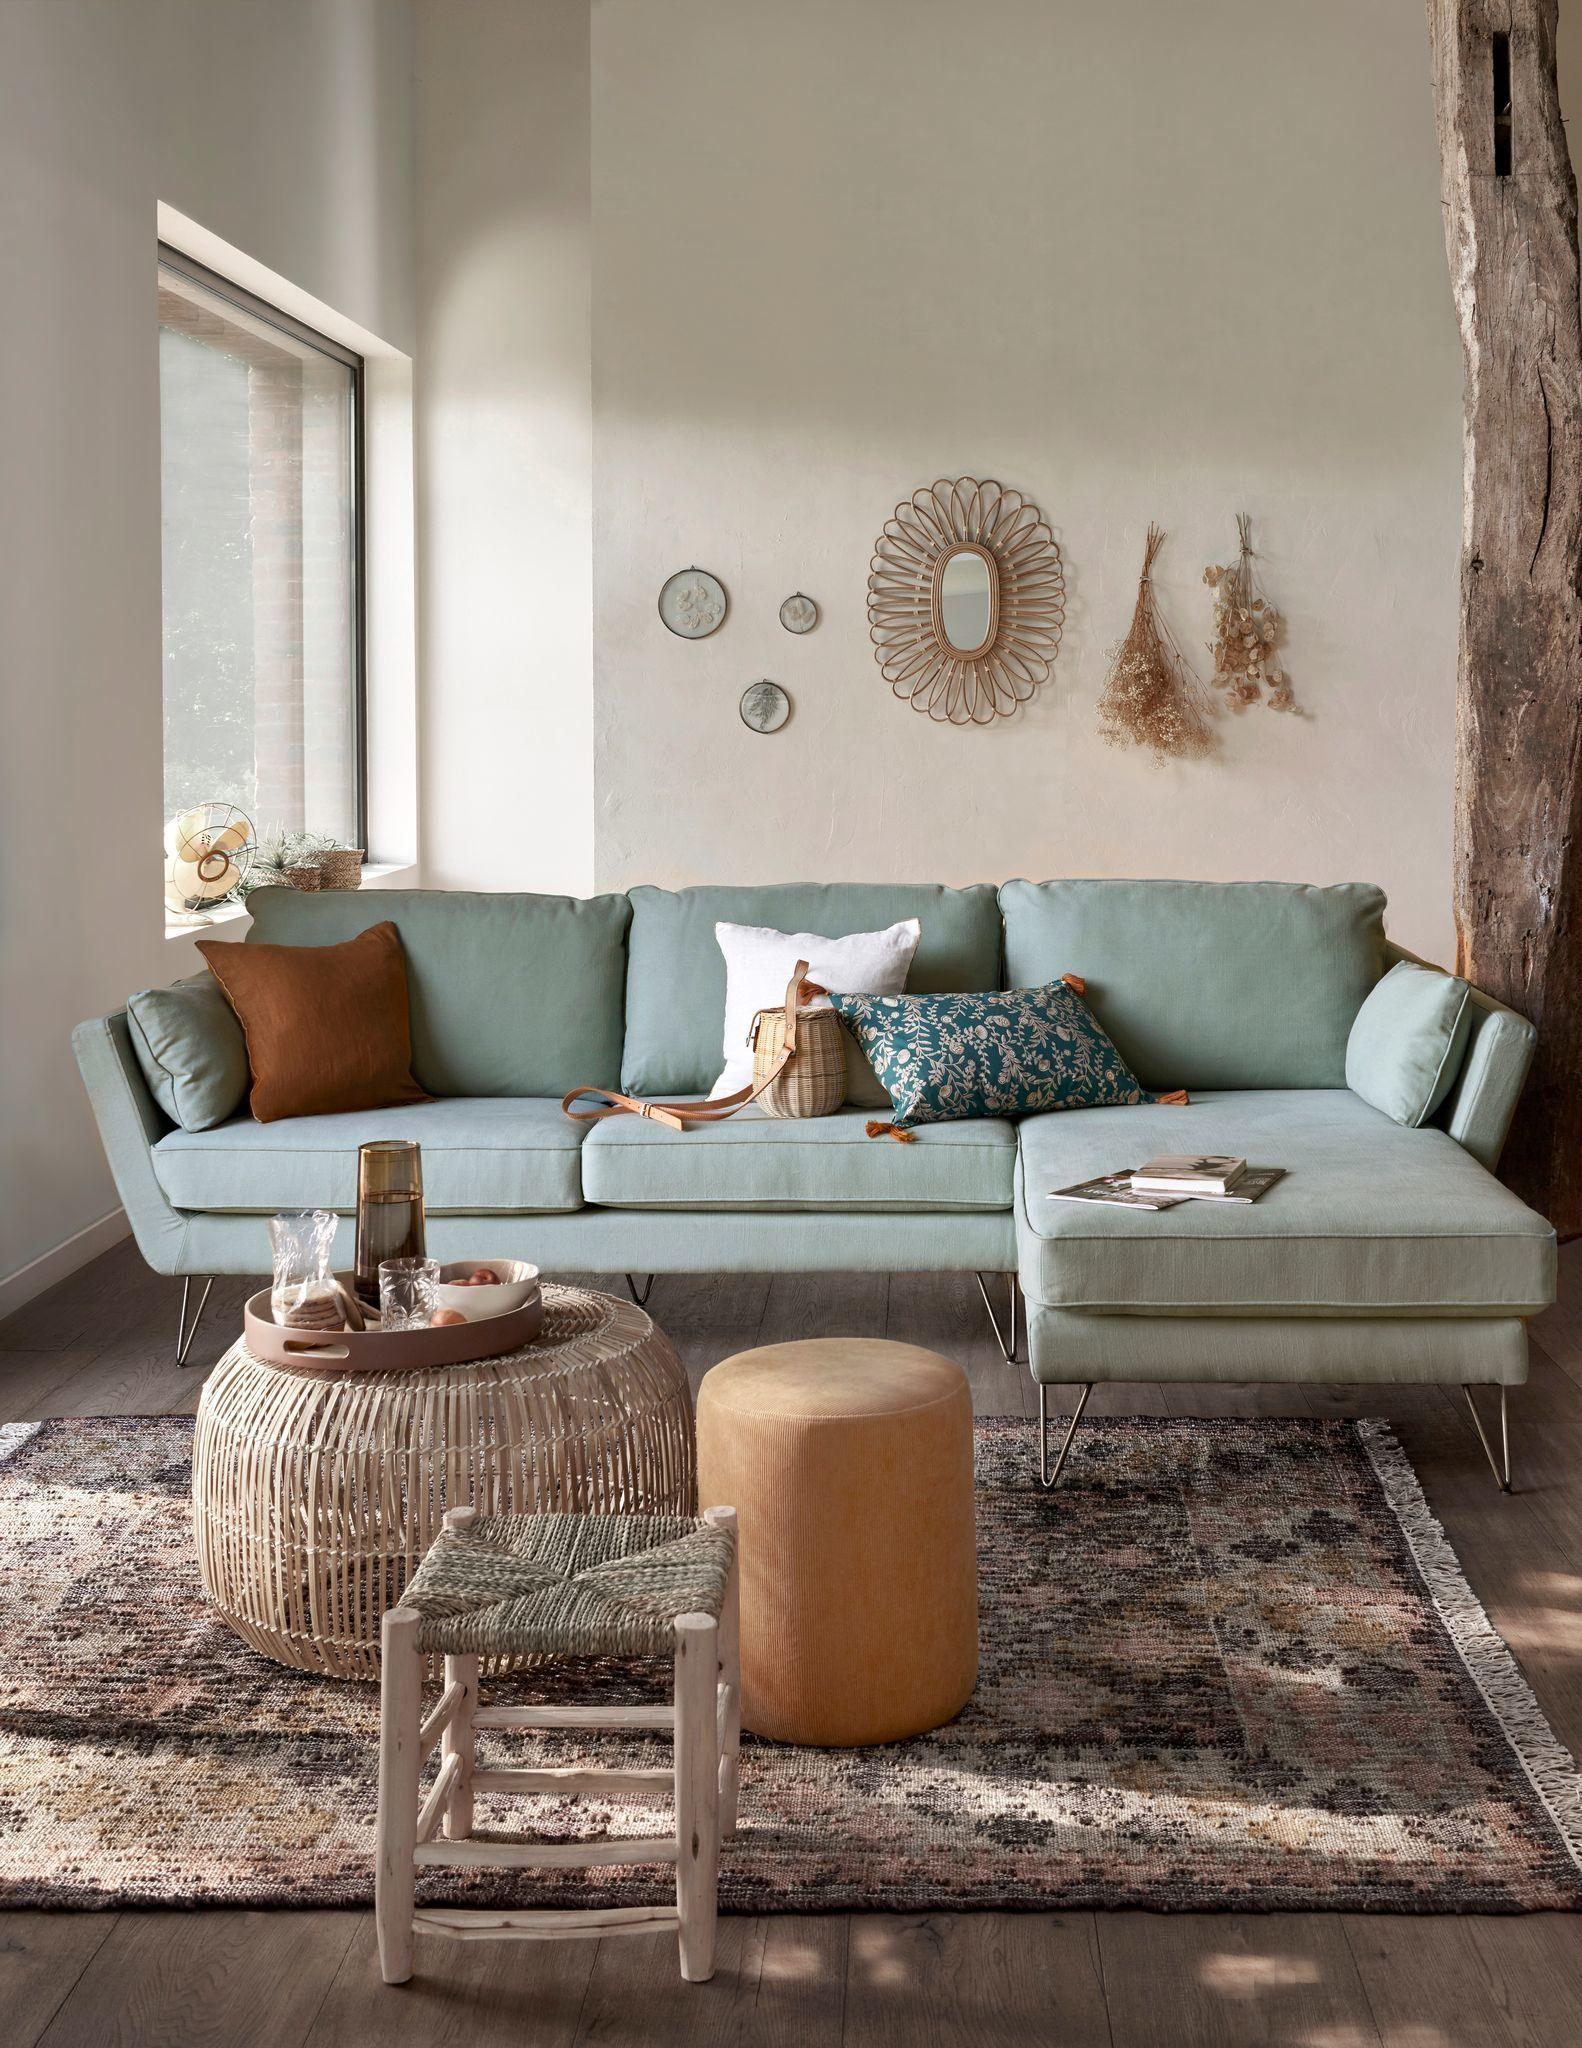 La Redoute Interieurs Nouveautes Collection Automne Hiver 2020 2021 En 2020 Decoration Salon Mobilier De Salon Peinture Salon